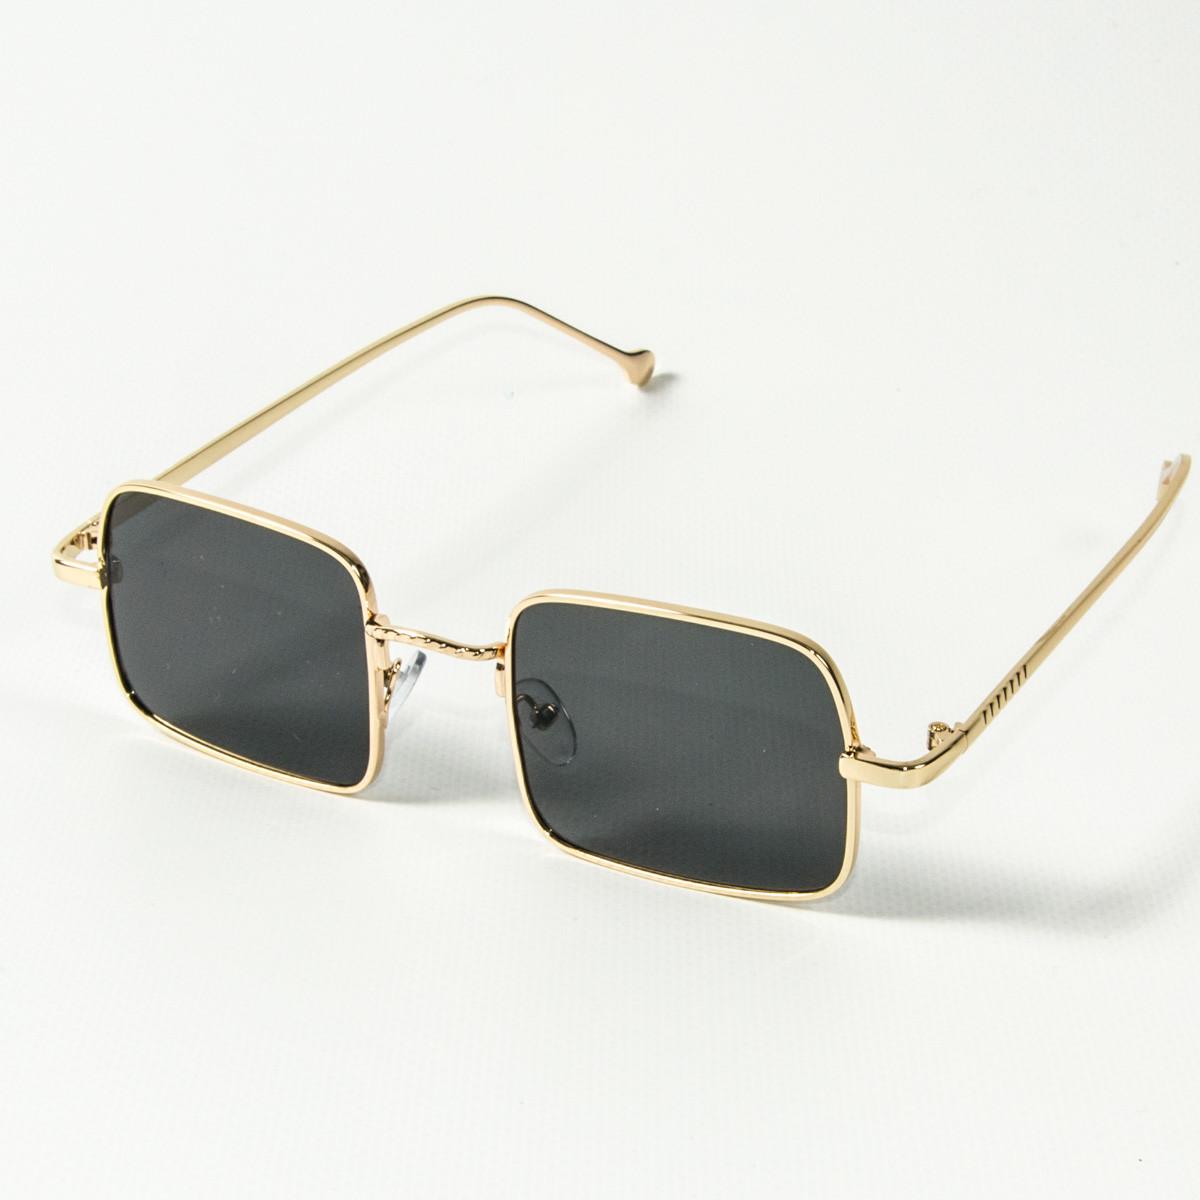 Оптом квадратные солнцезащитные очки ретро-модель (арт. 10-6297/2) черные